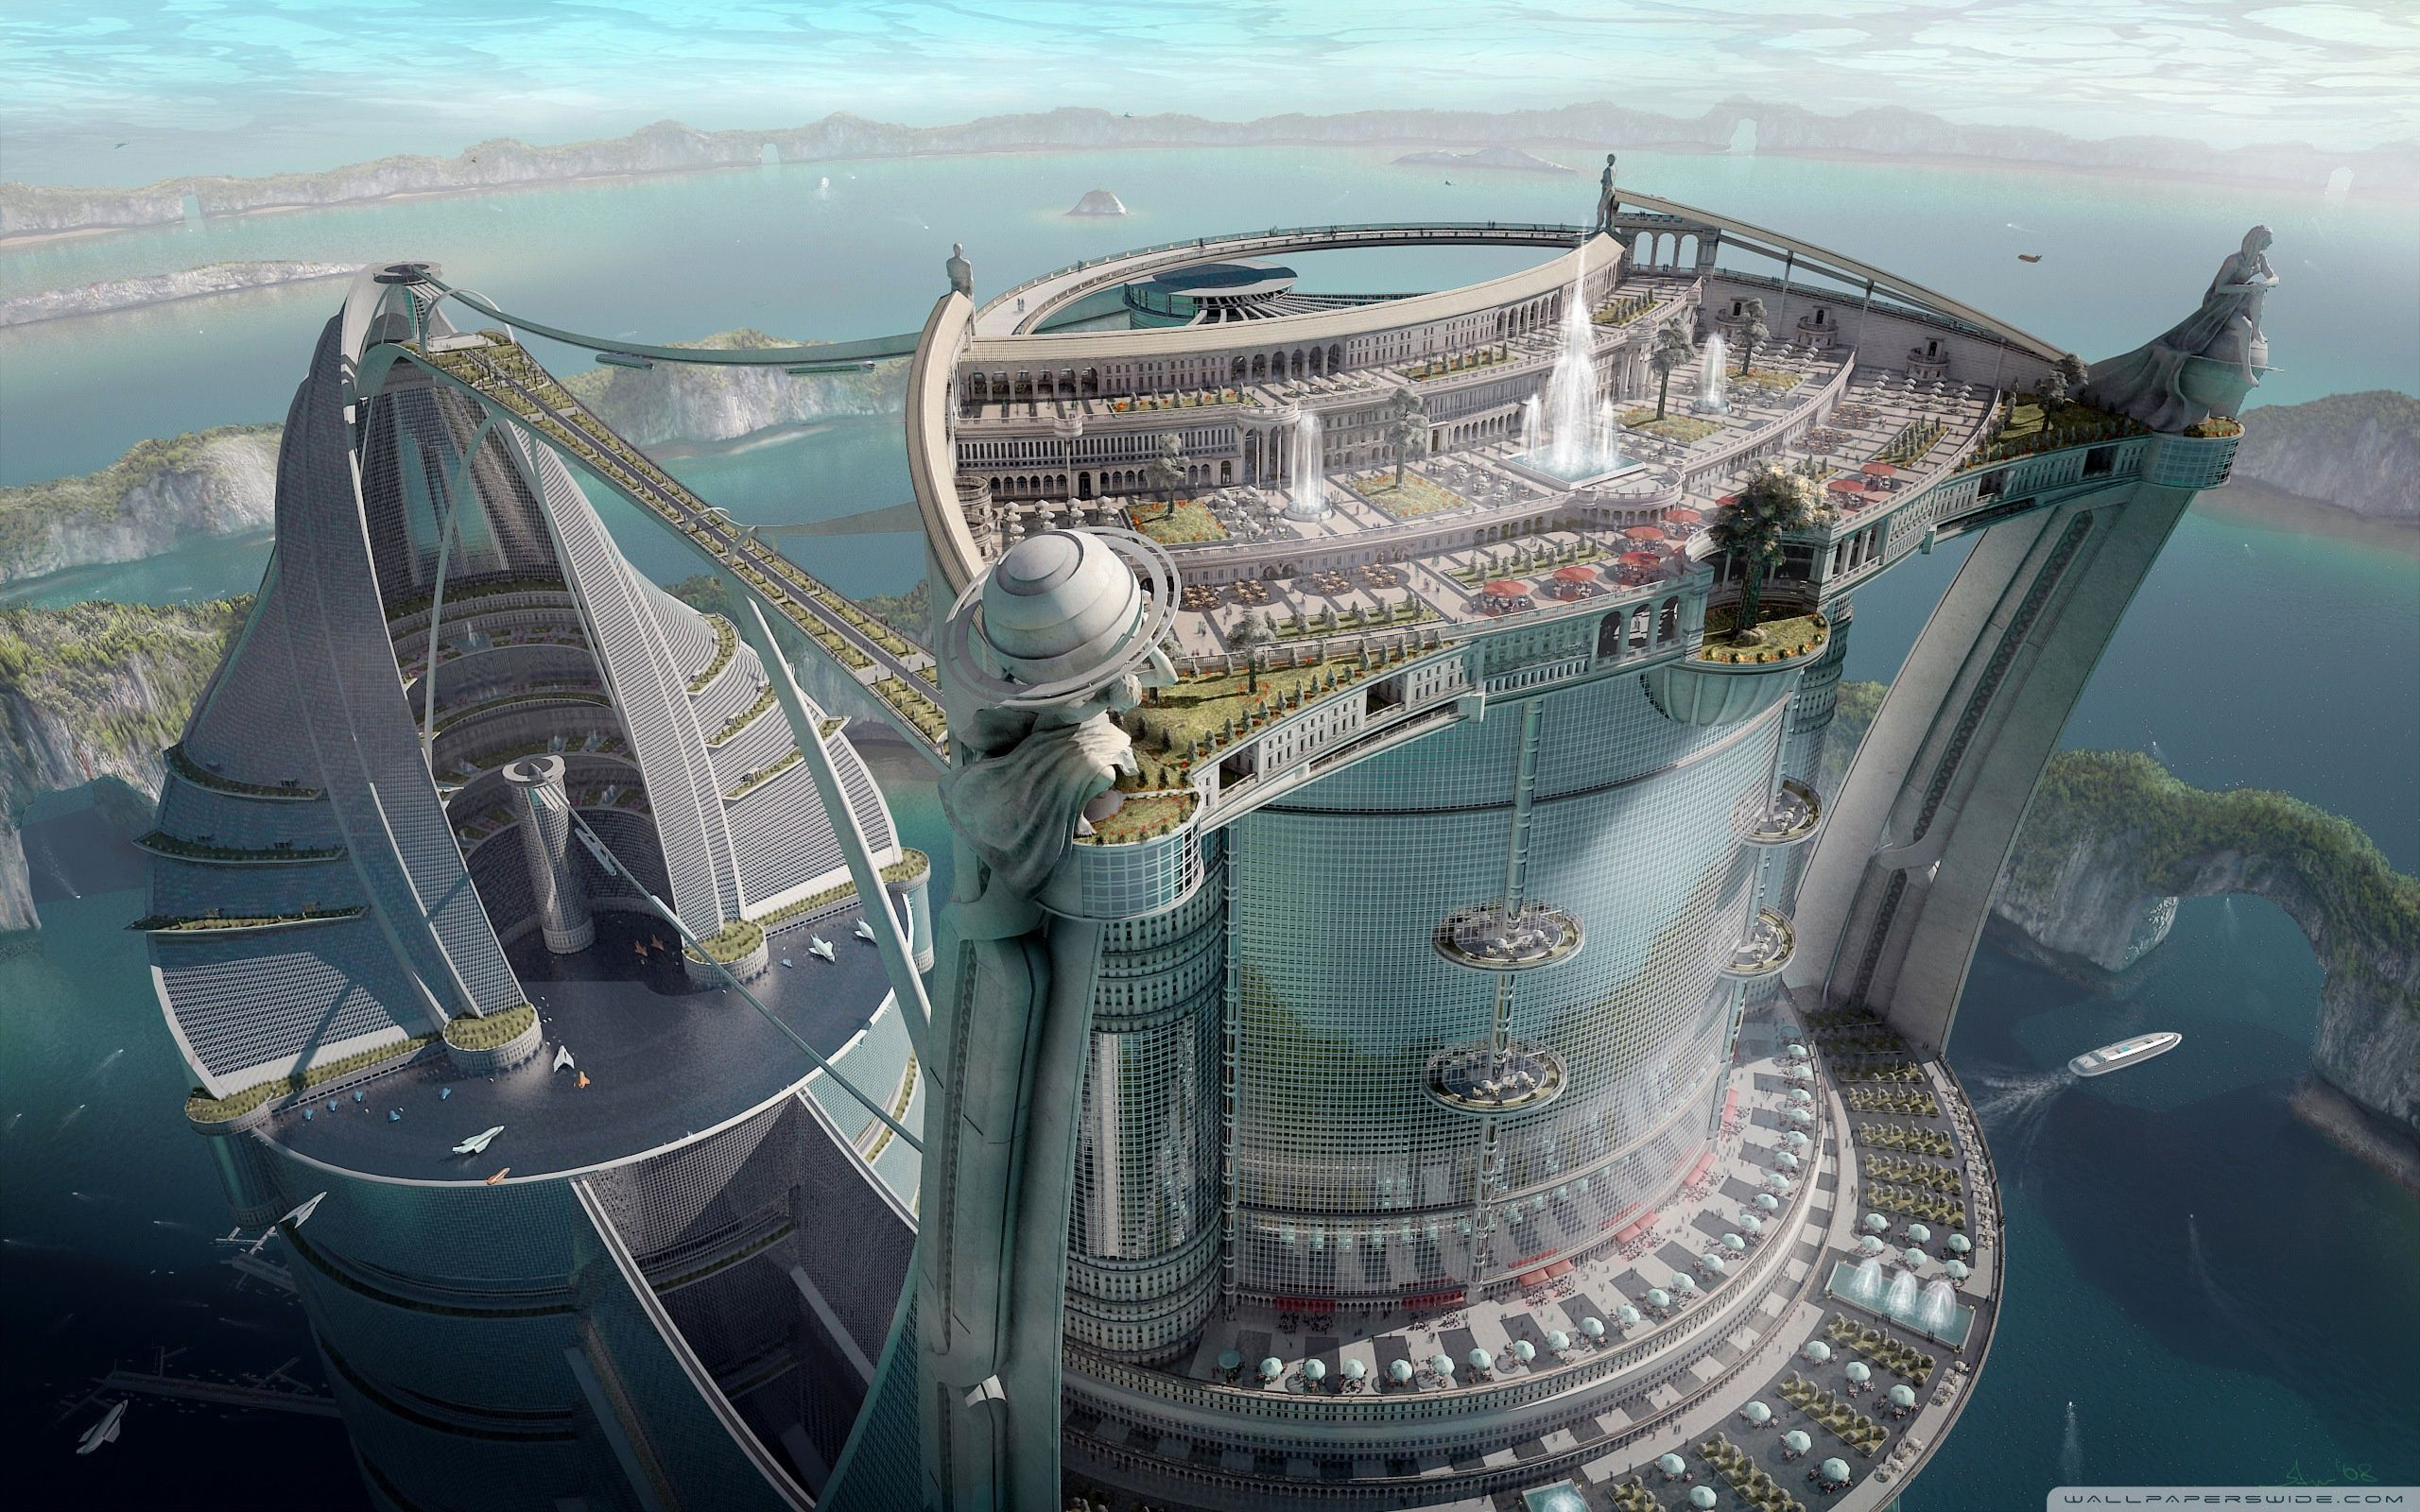 Hôtel géant avec espaces verts - Projet 3D - Auteur inconnu.